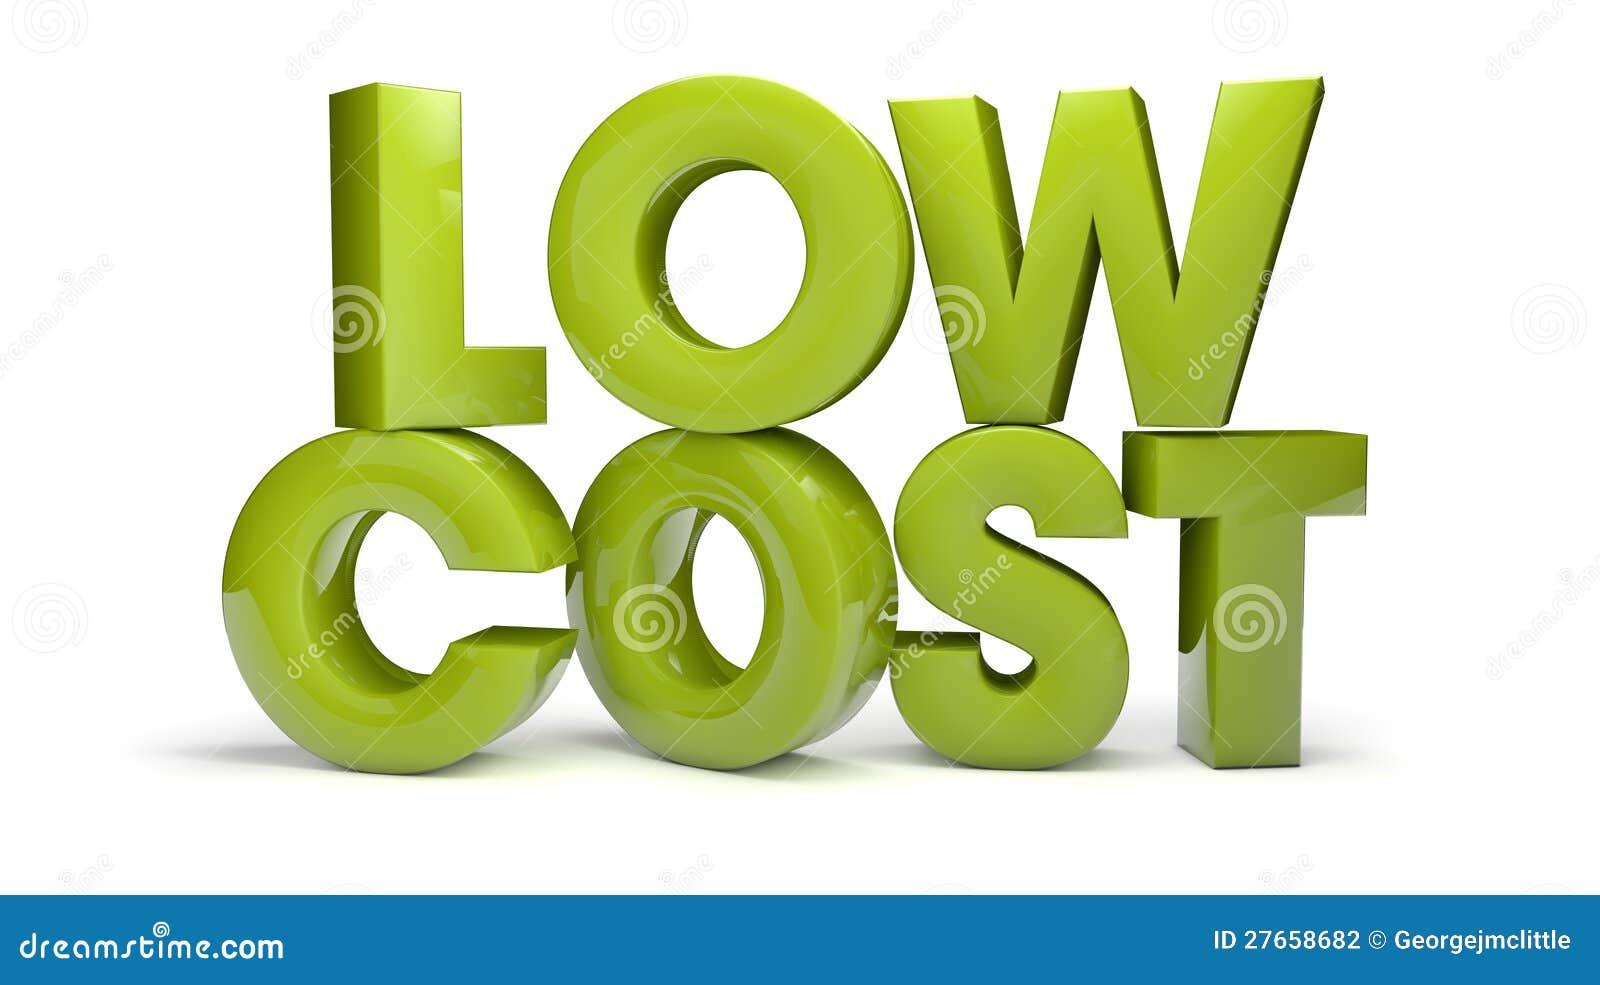 Χαμηλότερο κόστος